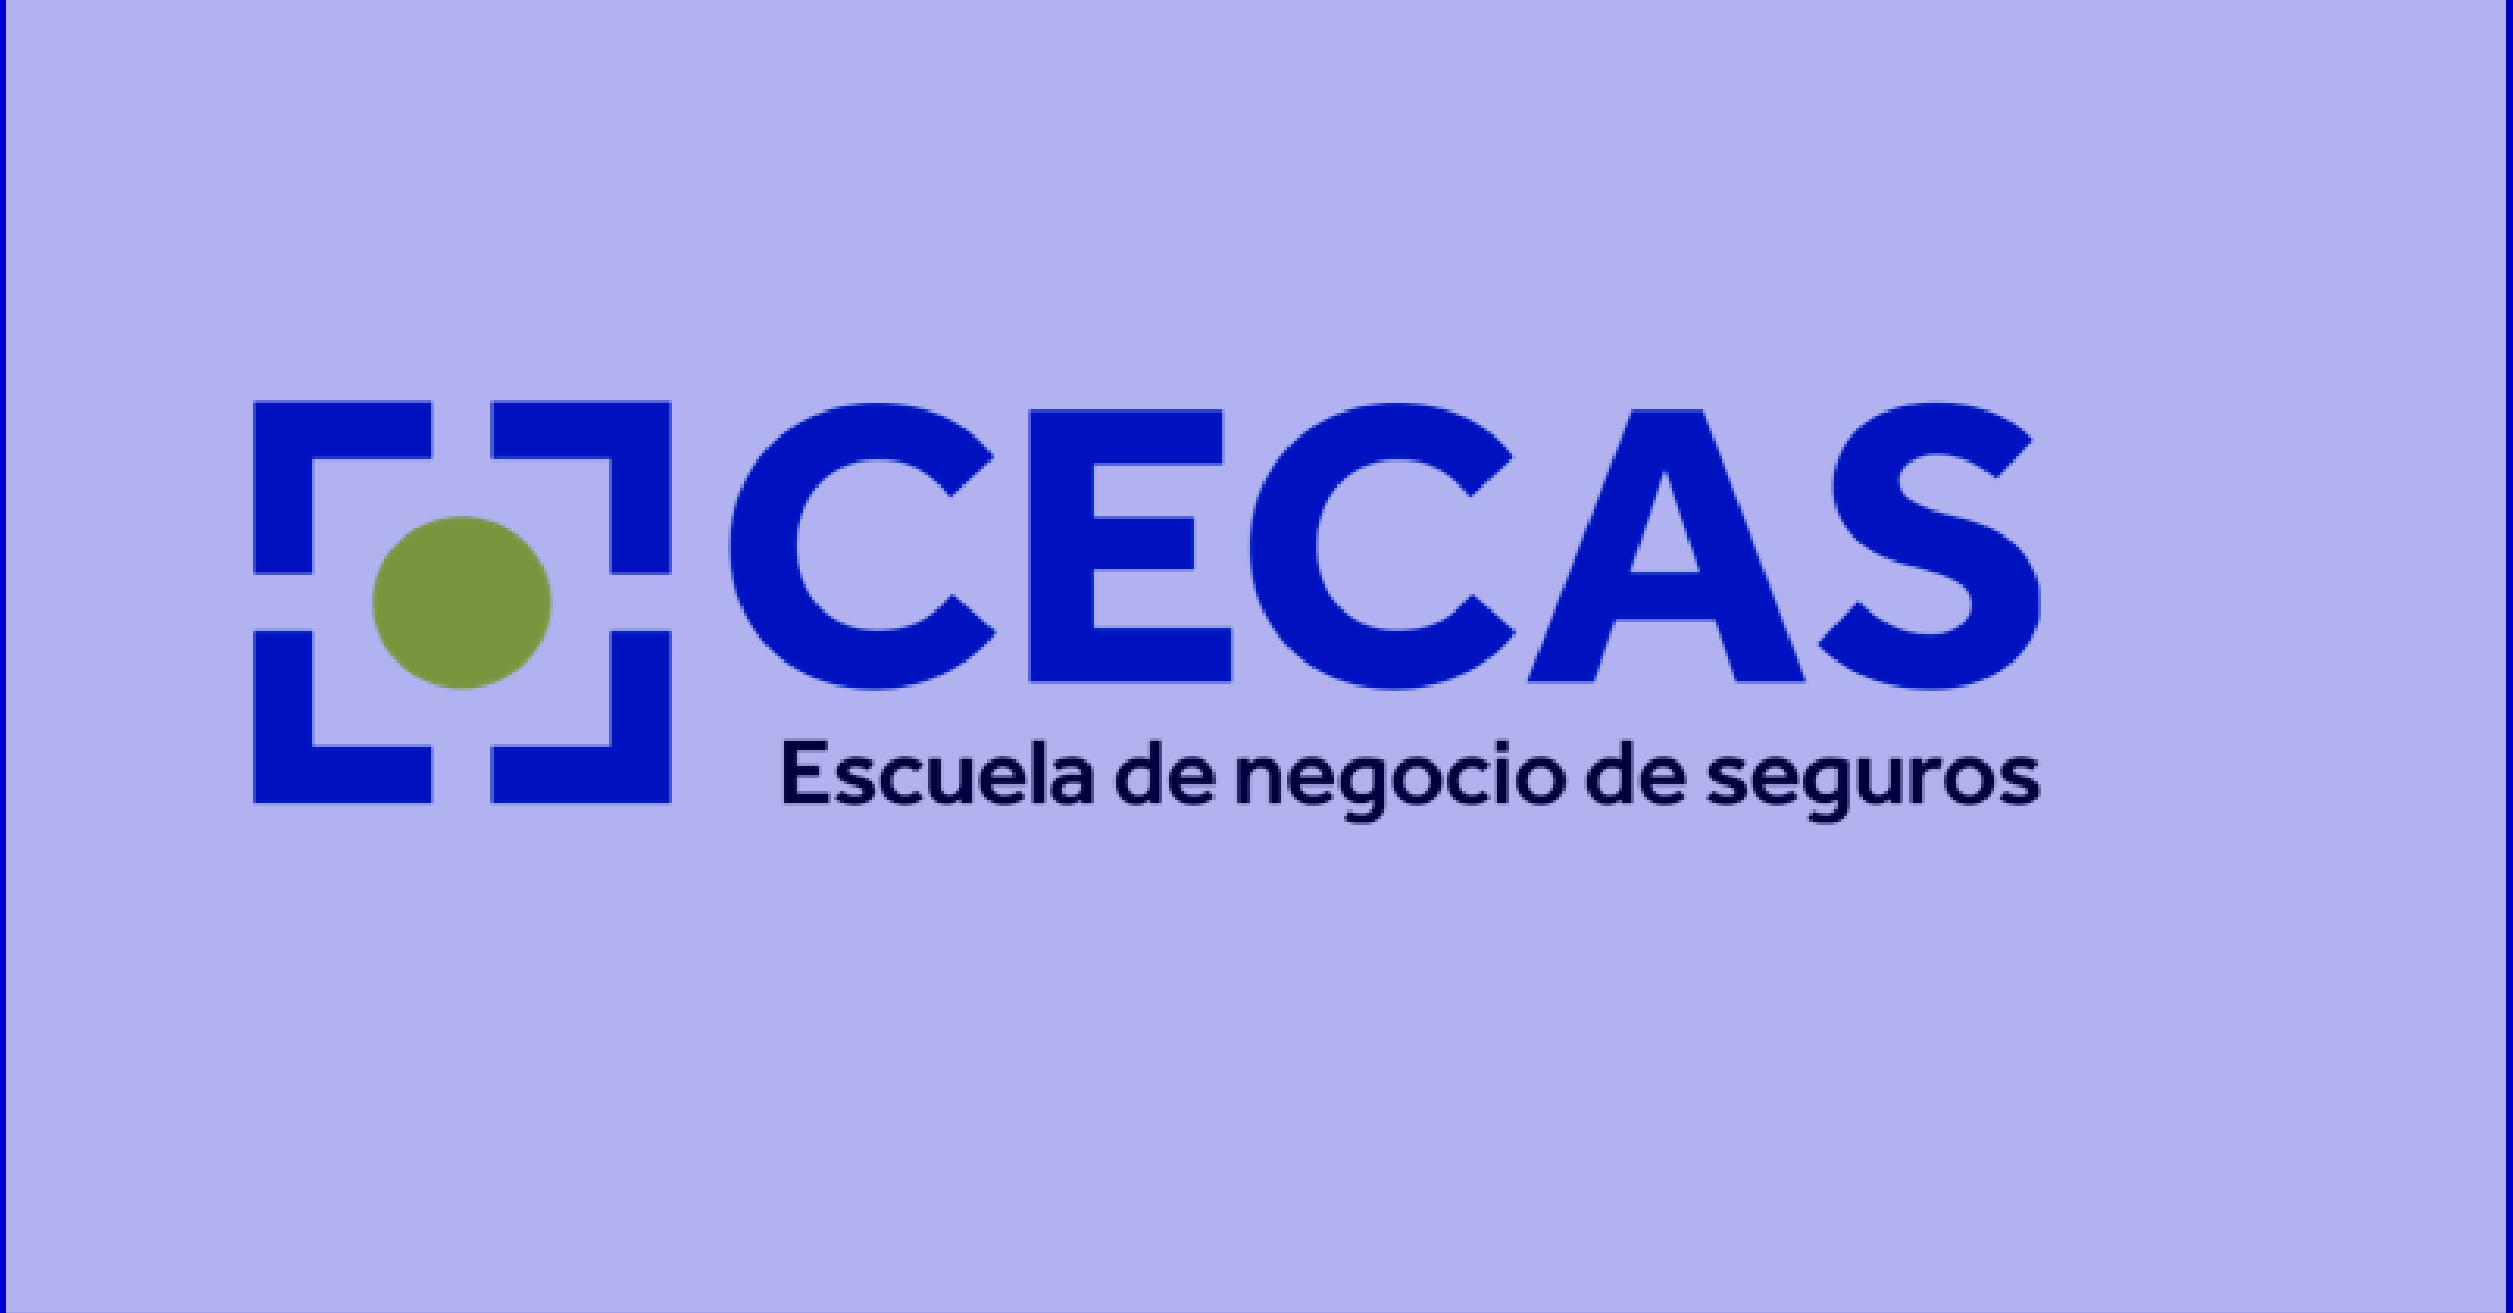 Nace CECAS TOOLS, la herramienta colaborativa para los profesores de la escuela de seguros